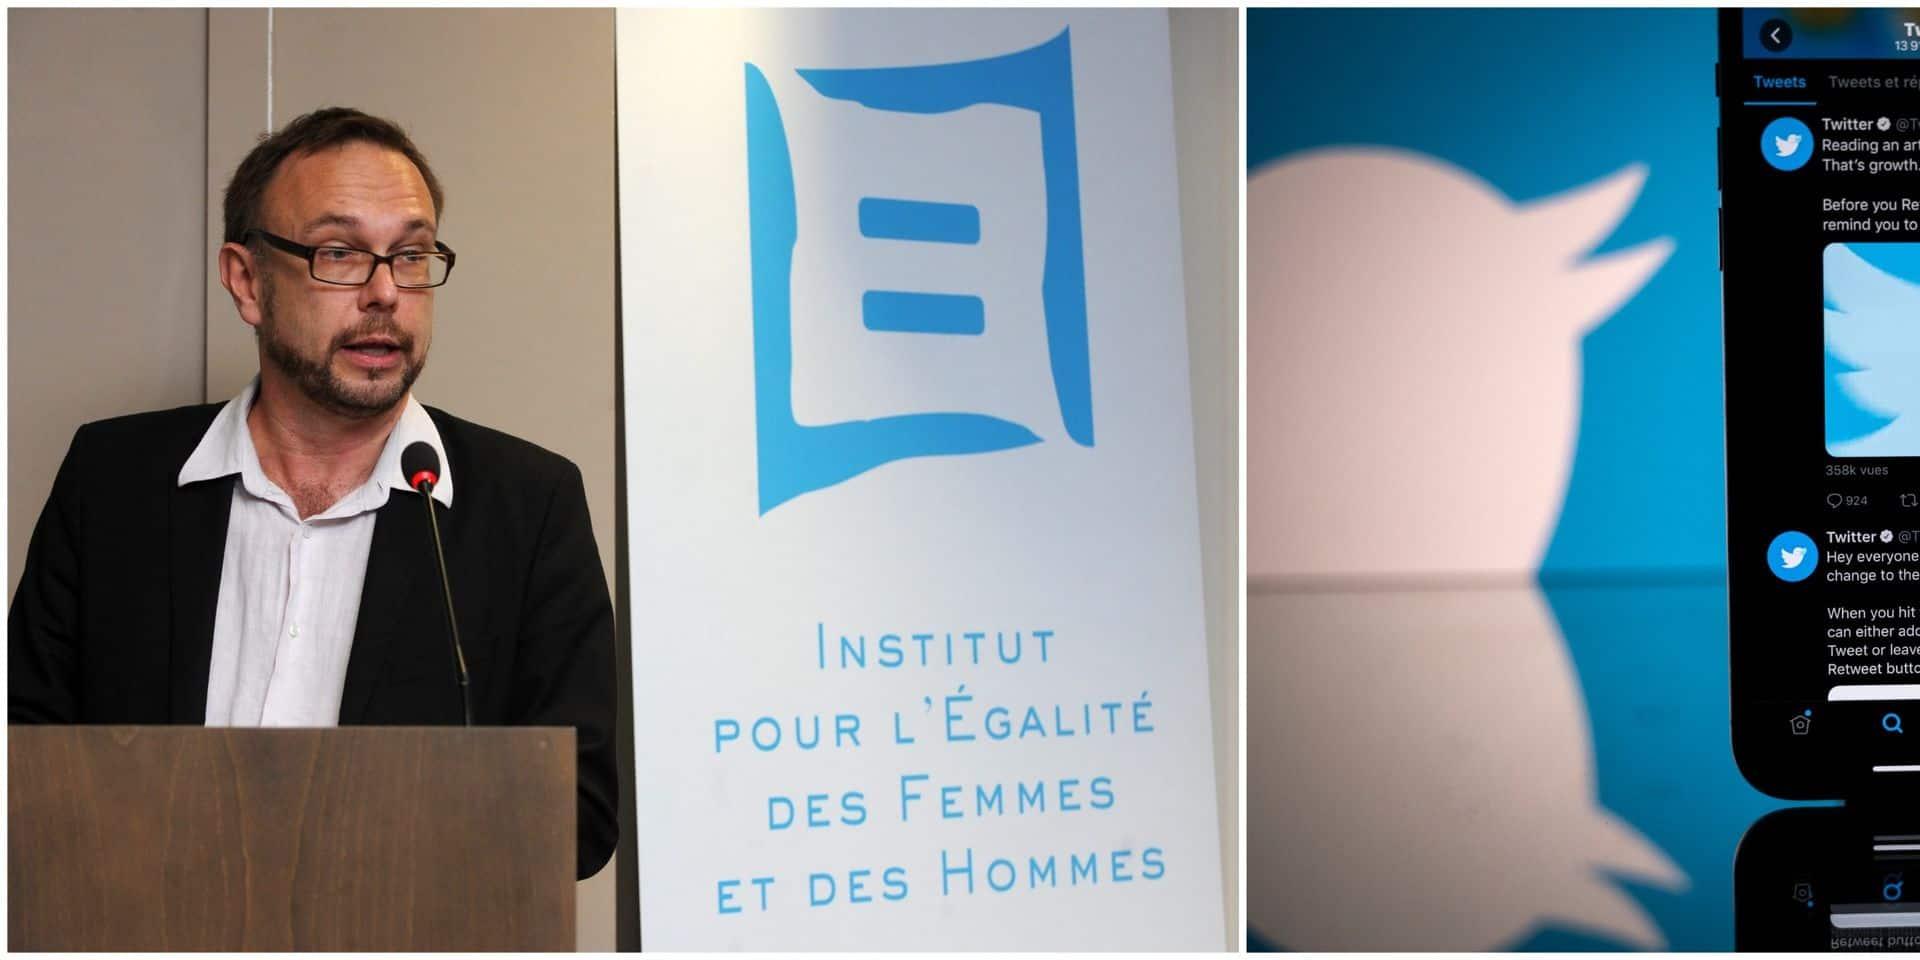 L'Institut pour l'égalité des femmes et des hommes dépose plainte contre Twitter